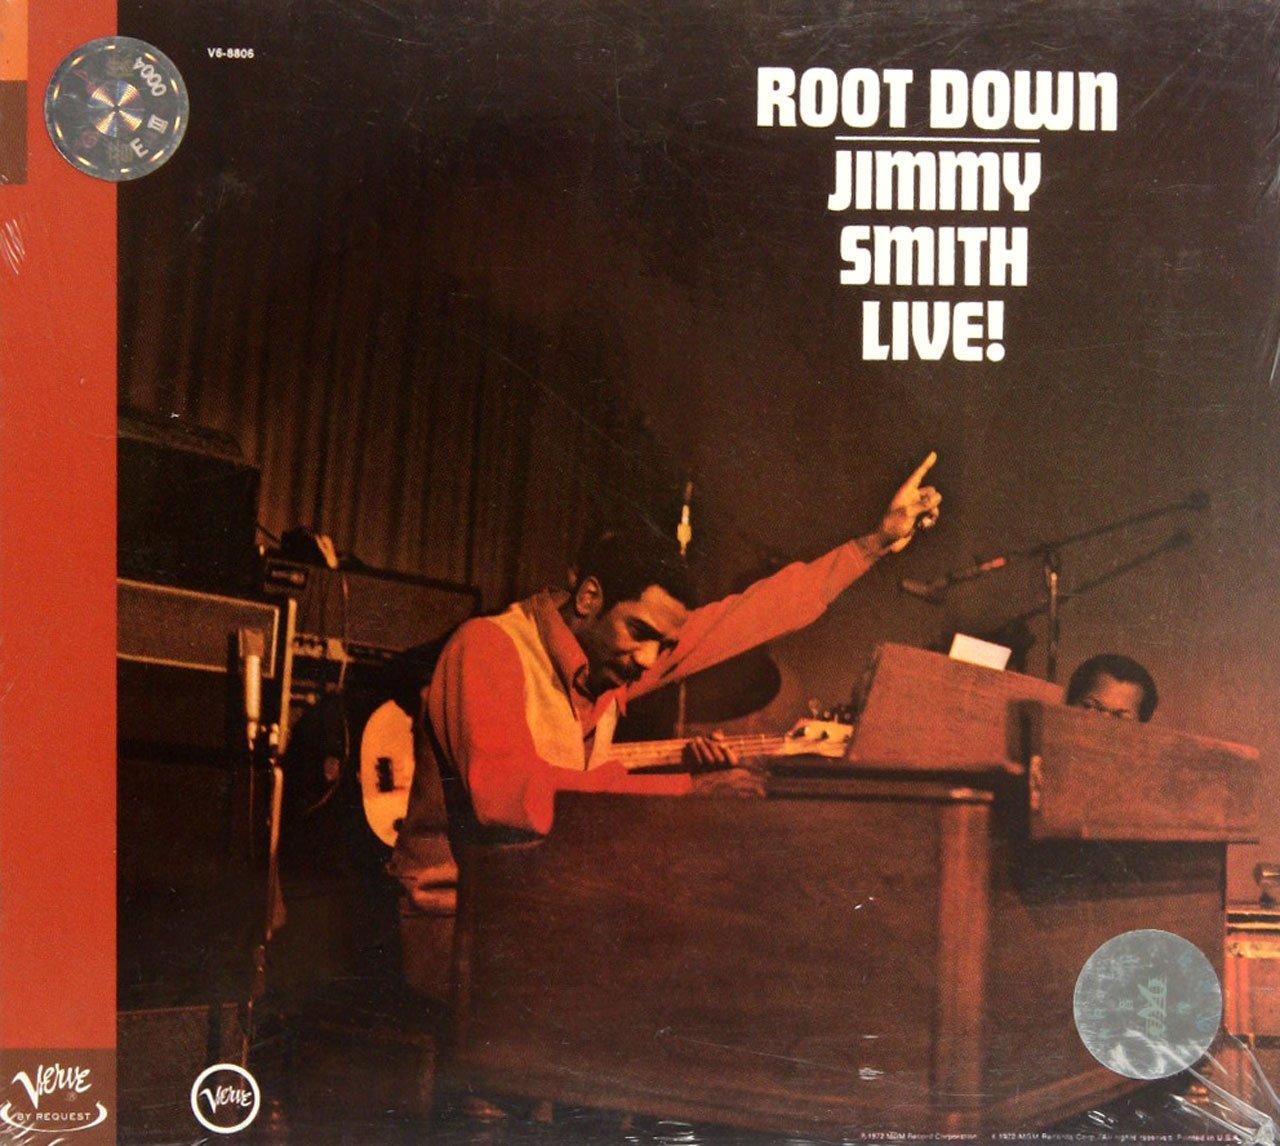 cd杰米施密斯用管风琴演奏爵士乐图片